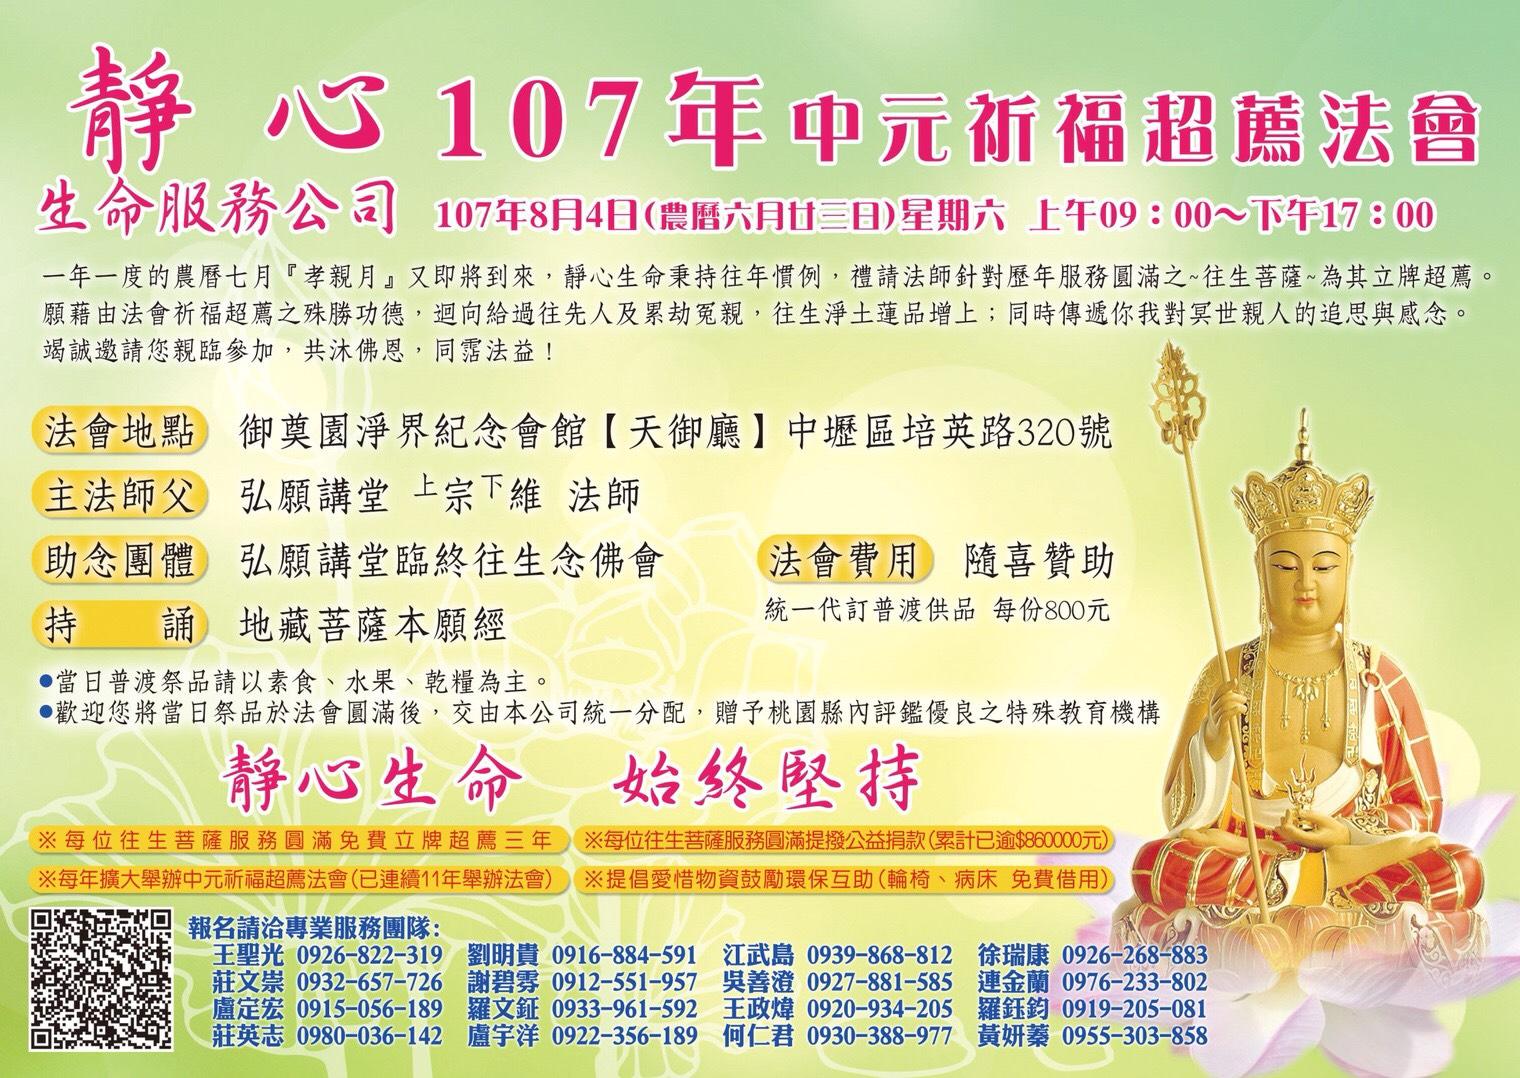 靜心 107 年 中元祈福超薦法會